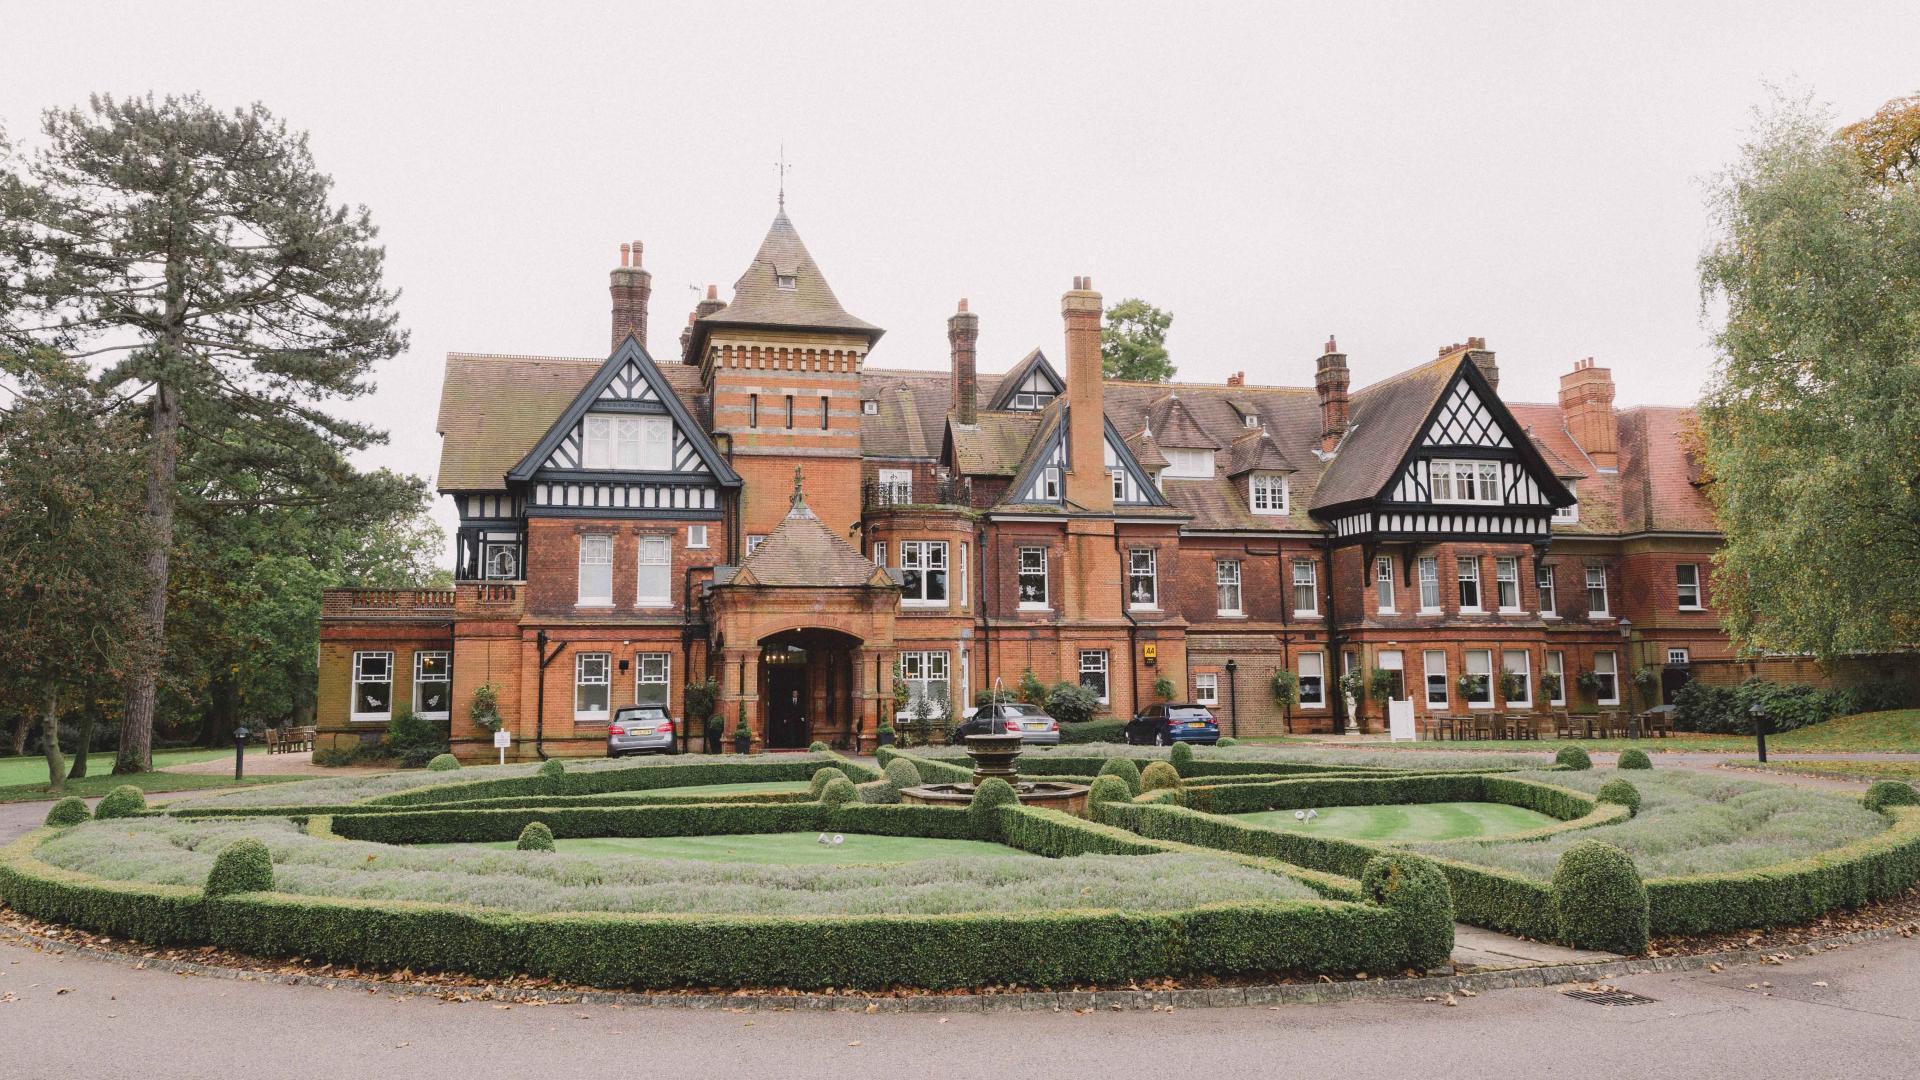 Dagaanbieding - 4-dagen-4*-hotel-in-Victoriaans-Landhuis-op-het-platteland-in-Surrey-incl.-overtocht dagelijkse koopjes